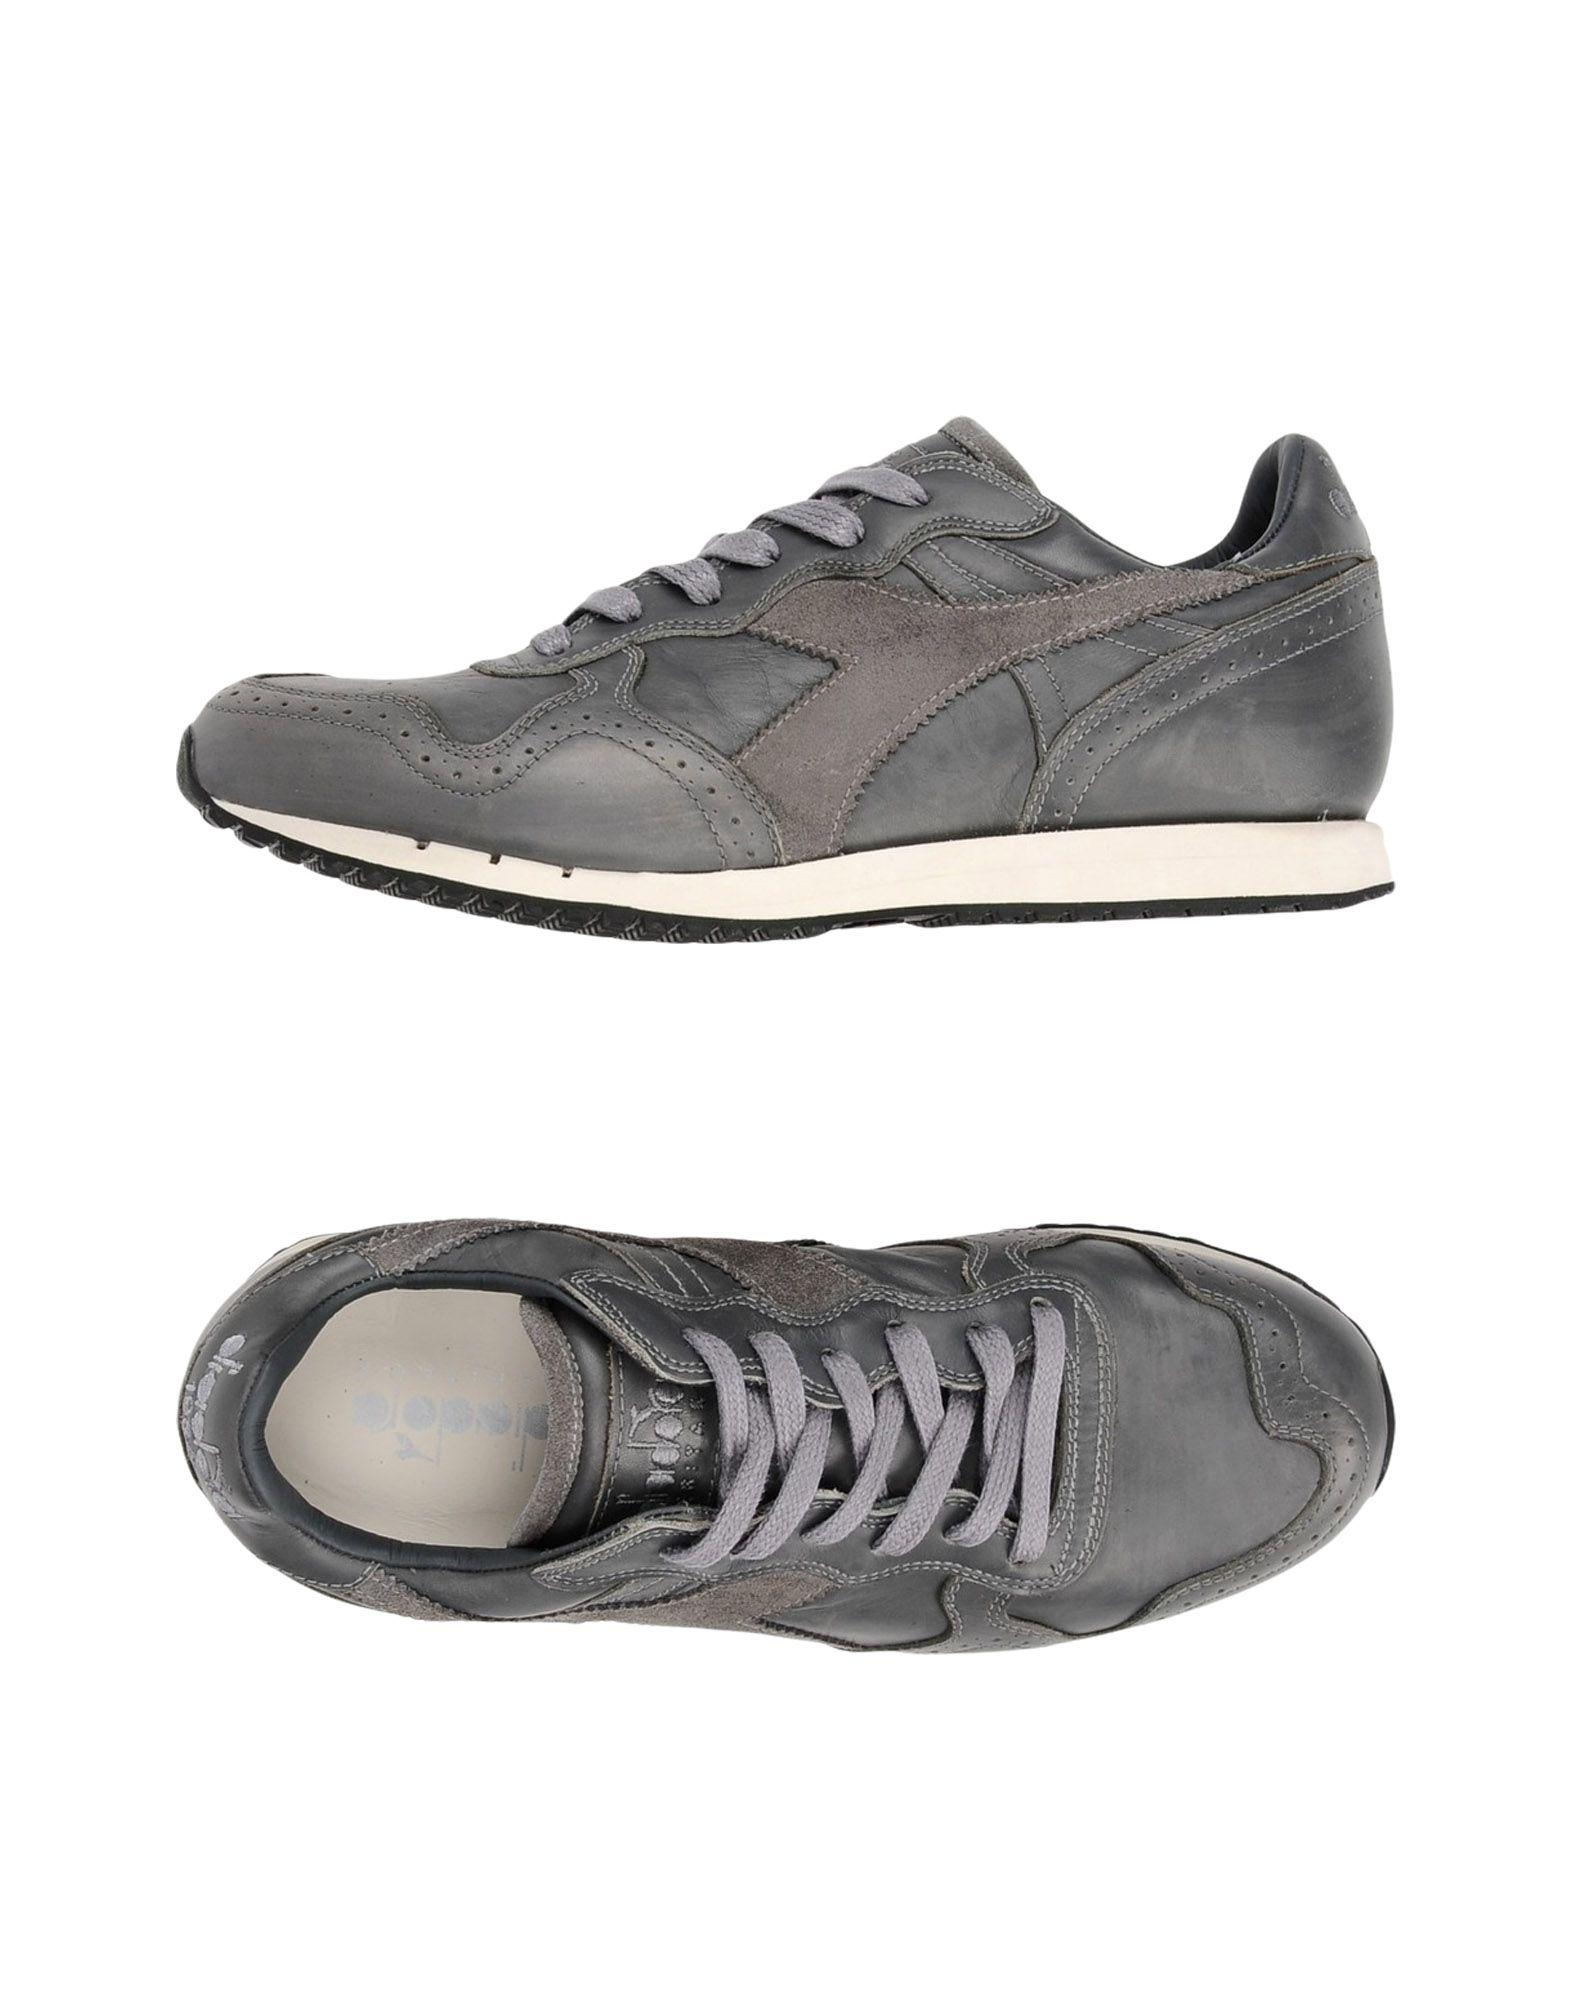 Sneakers Diadora Heritage Trident Brogue L. - Uomo - Acquista online su